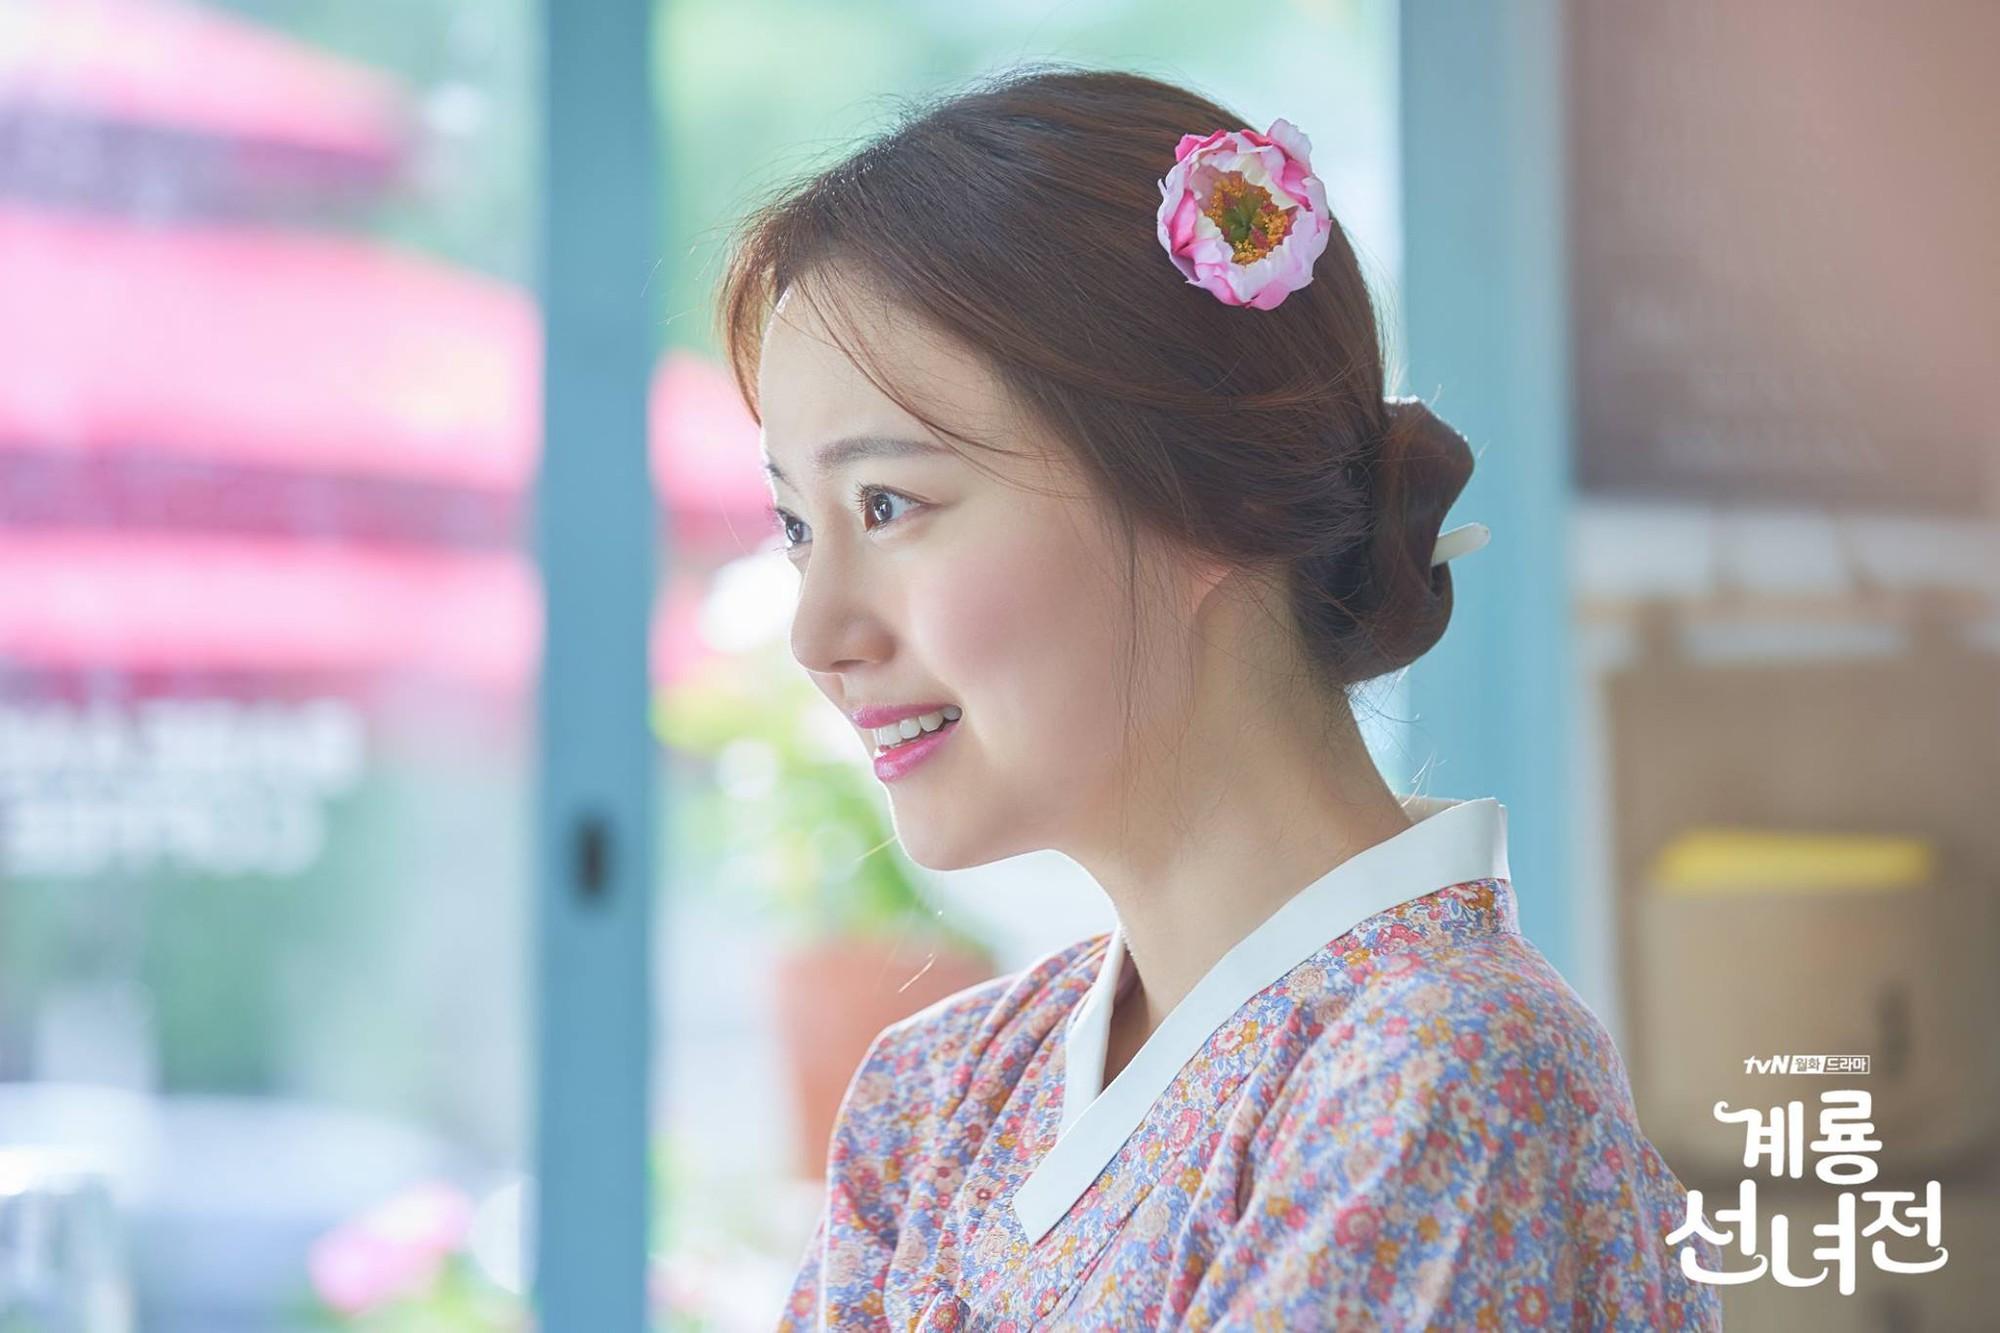 Ngộp thở với dàn sao Hàn toàn dân anh chị trong loạt phim truyền hình đổ bộ mùa cuối năm 2018! - Ảnh 2.